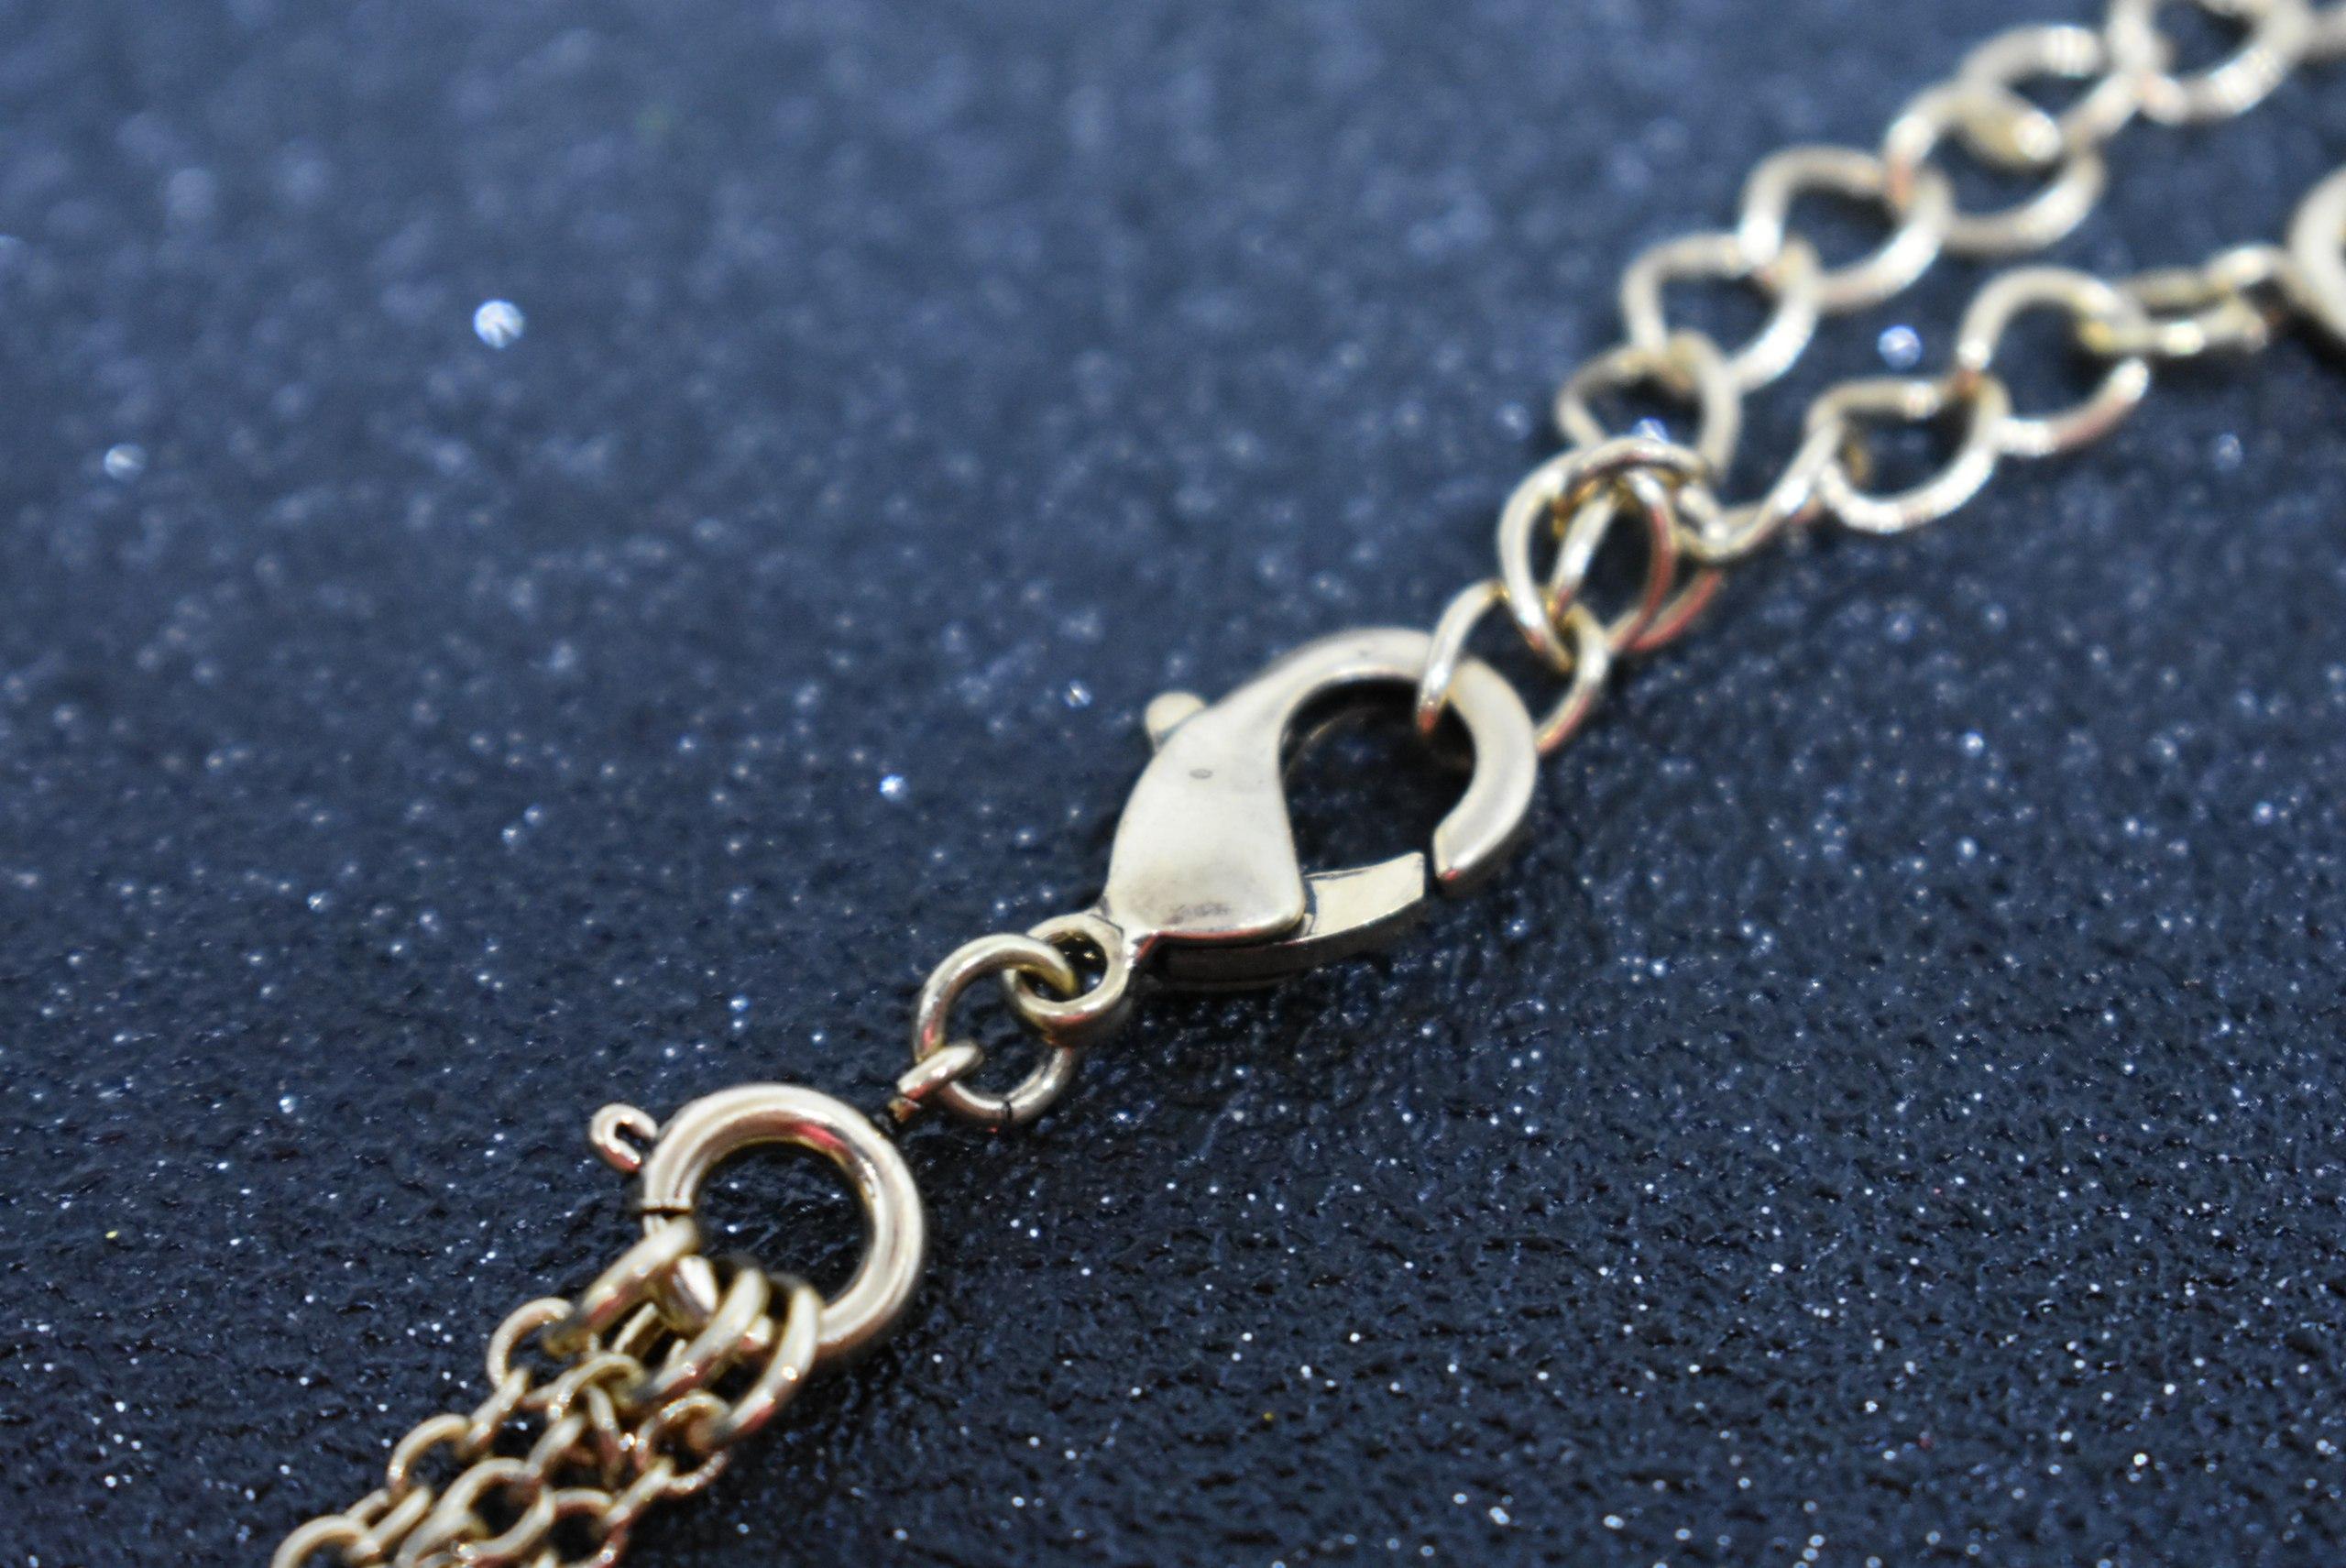 Привет-привет Сегодня я покажу вам красивое каскадное ожерелье от магазина KISS_ME Official Store Украшение оригинальное